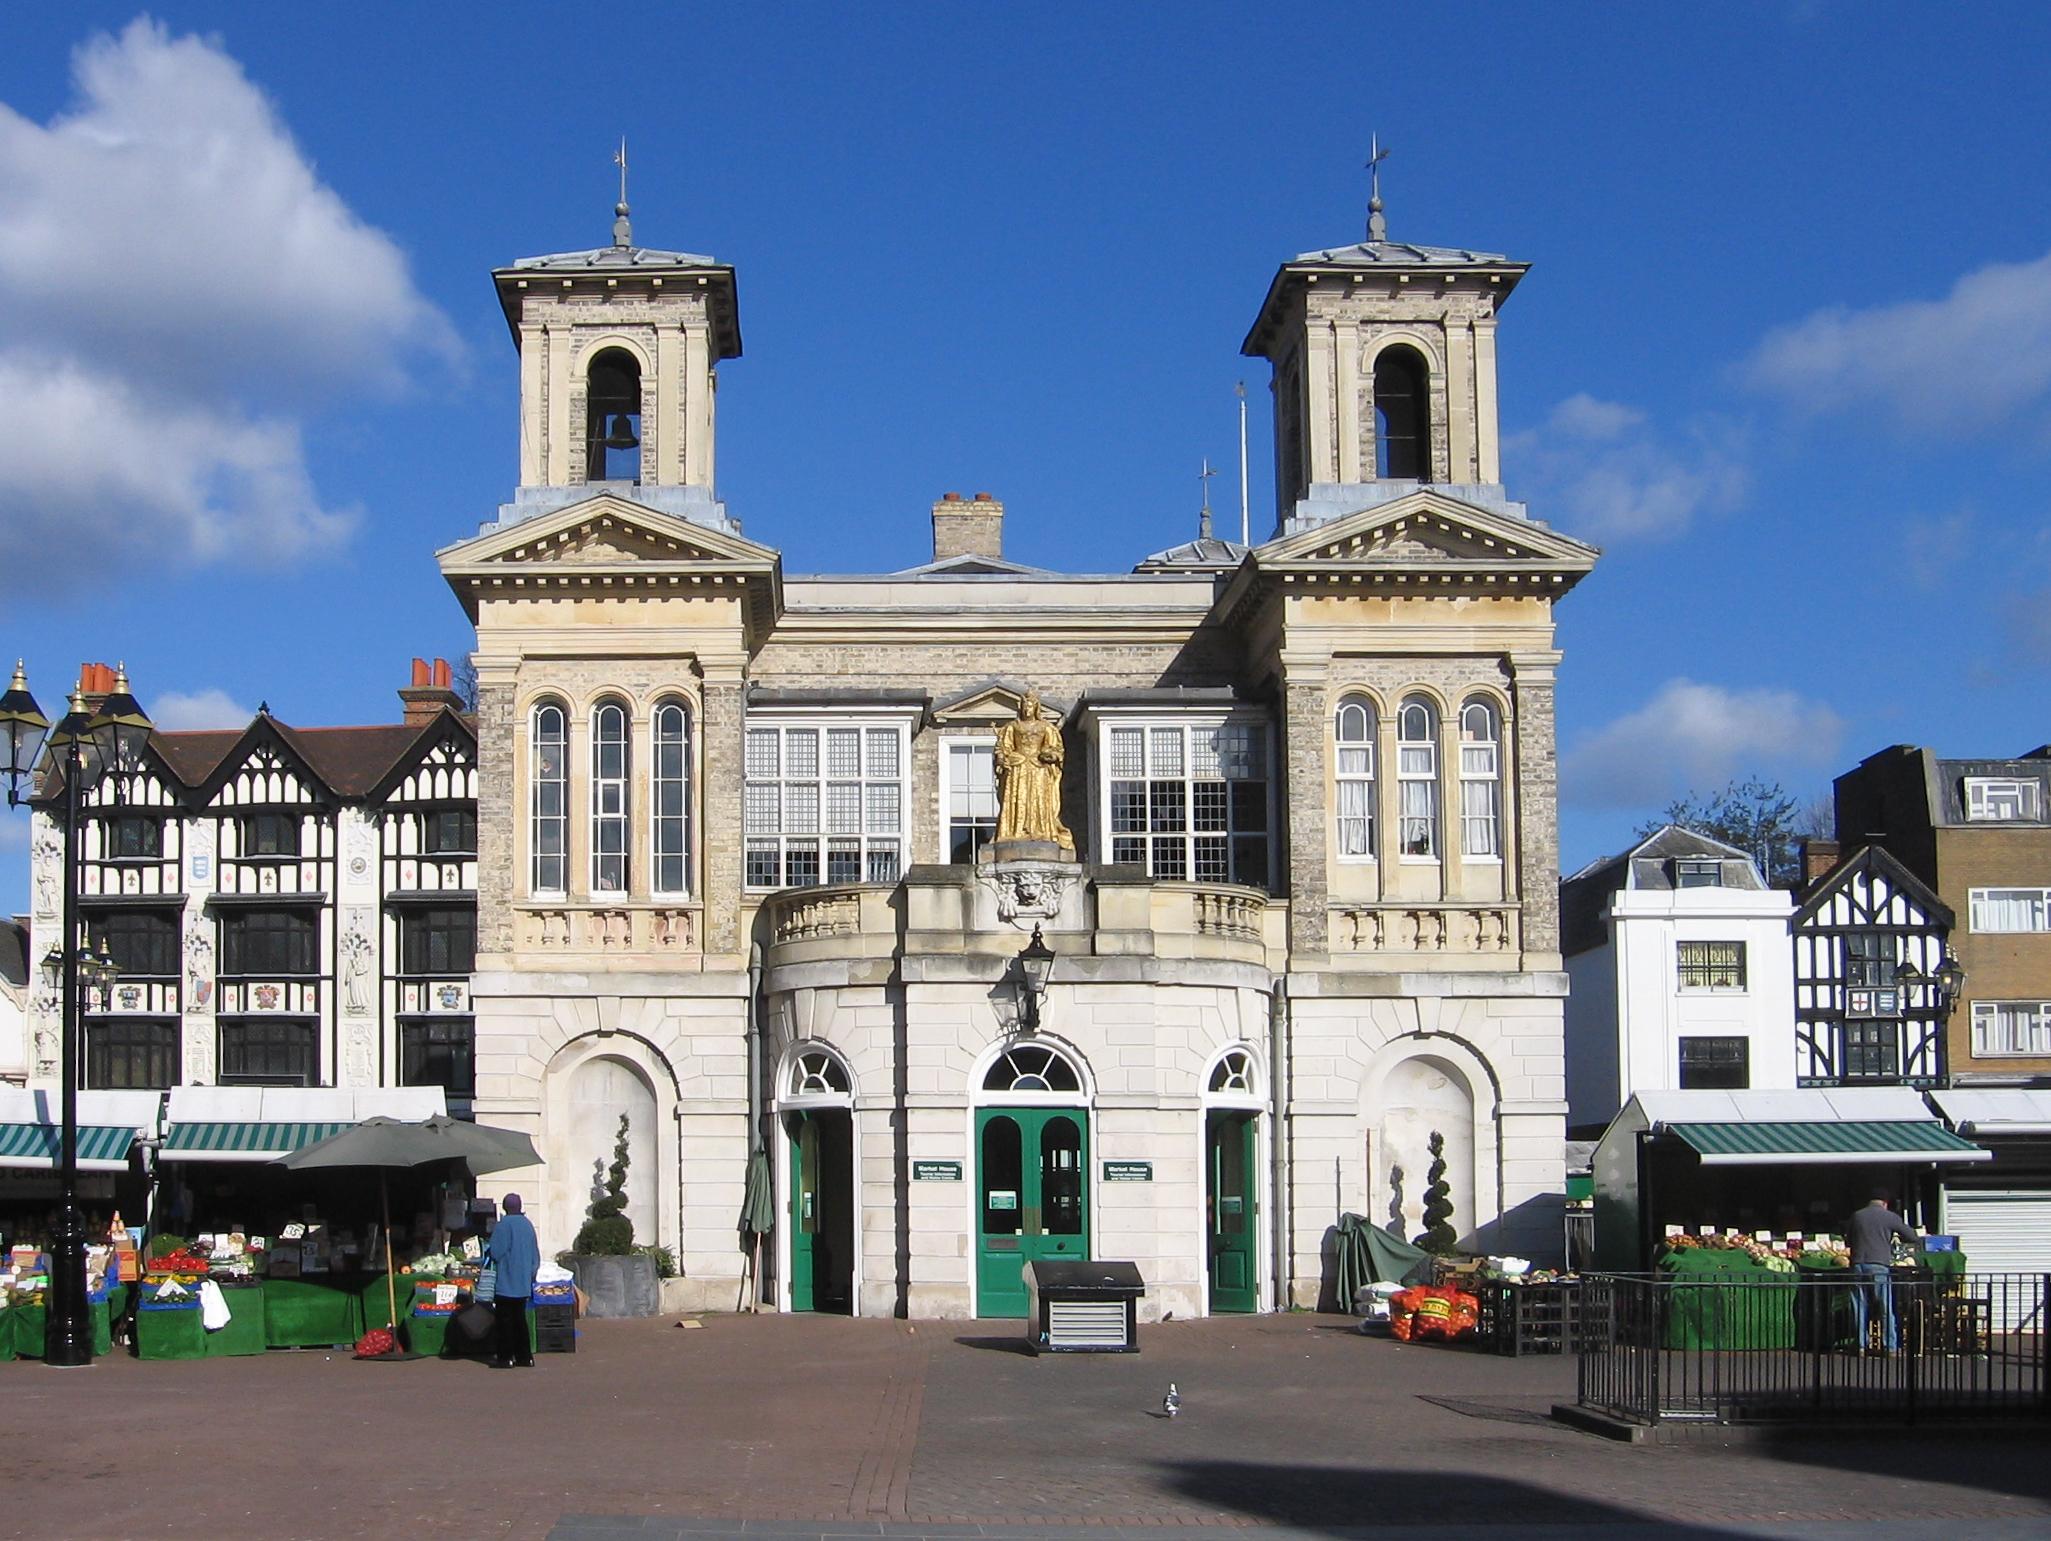 Kingston_upon_Thames_town_hall